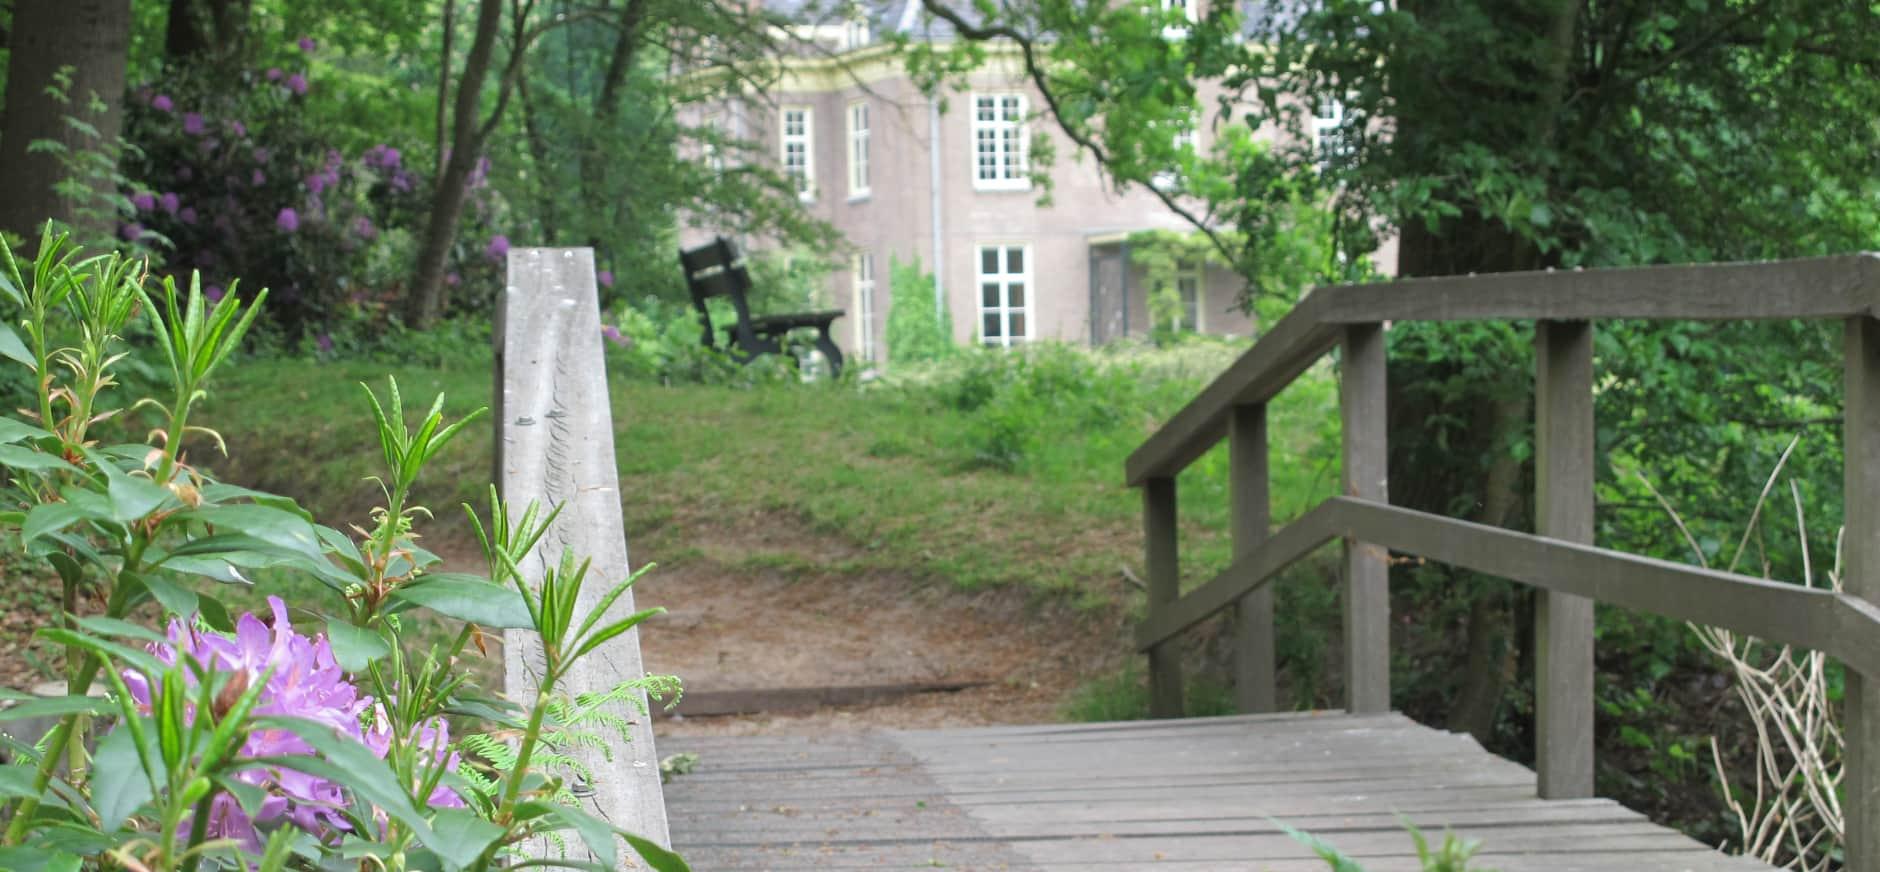 Wandelen op landgoed Oldenaller is een feest